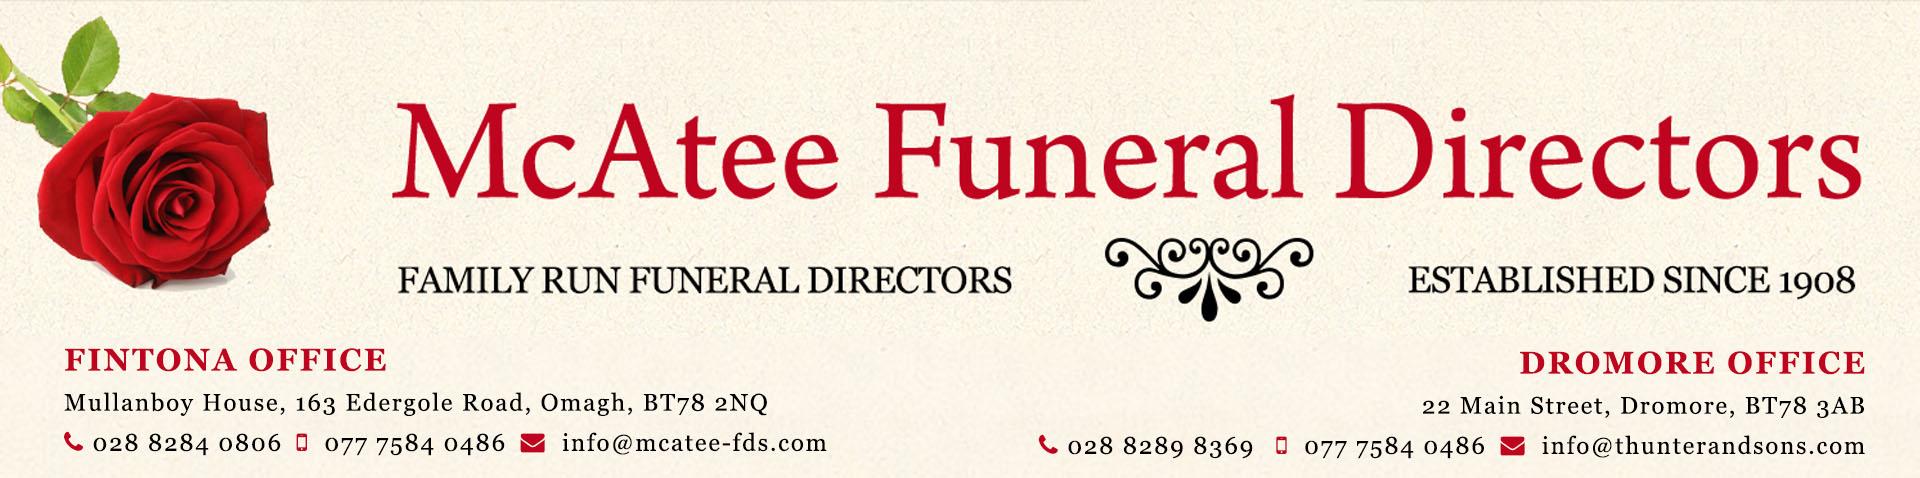 McAtee Funeral Directors